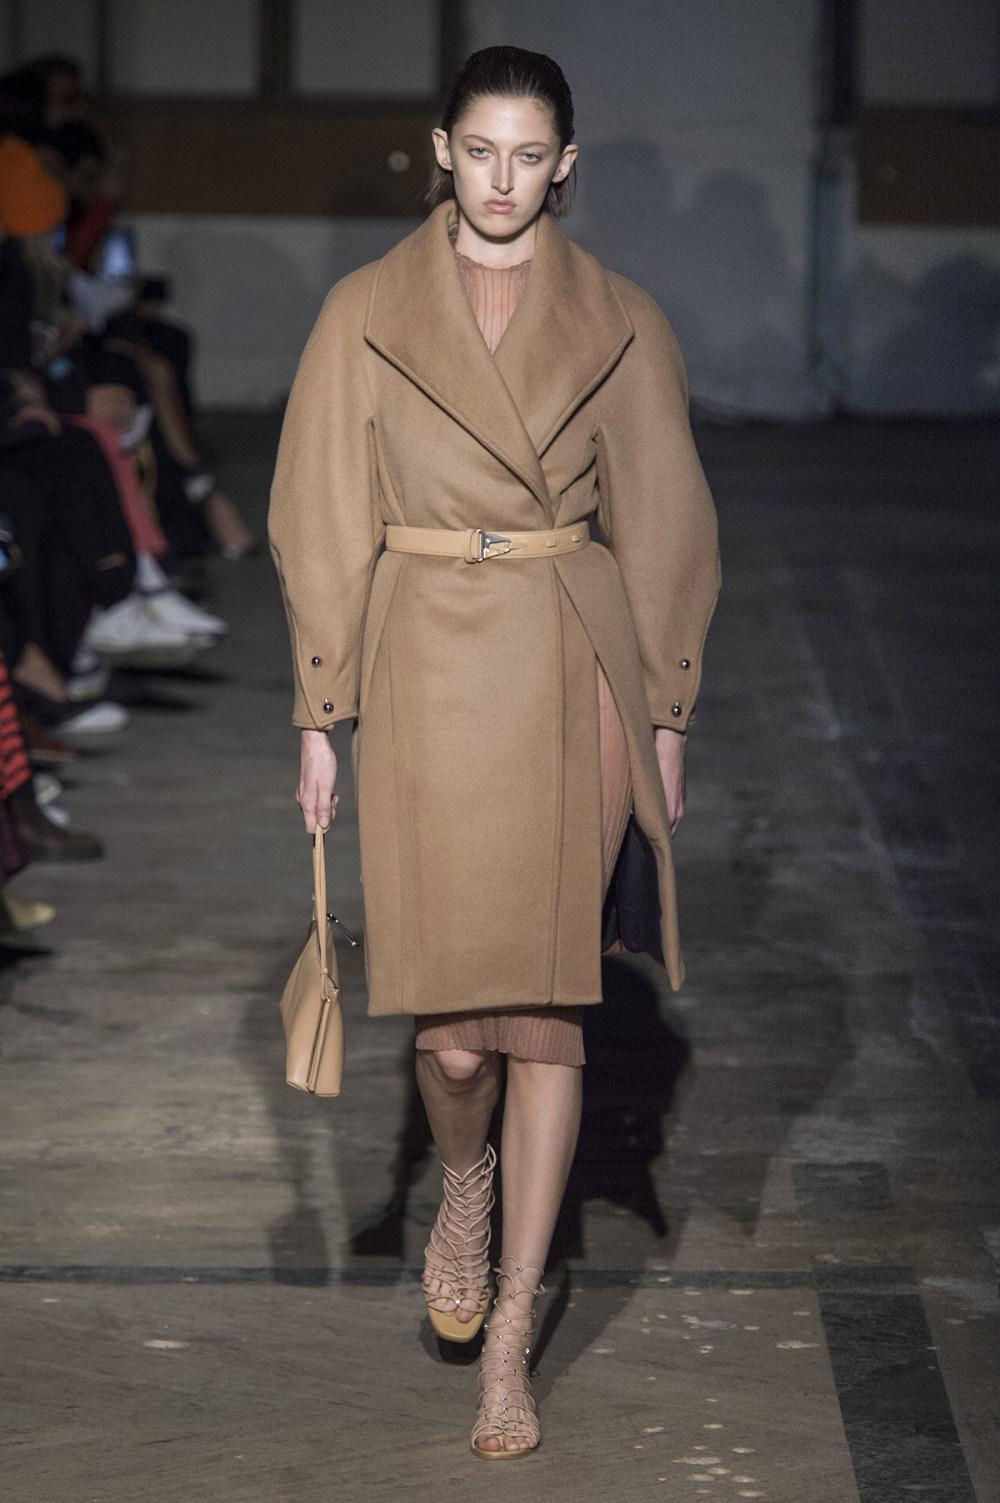 Dion Lee没有紧身衣的连衣裙被聚集或扭曲保持调色板的简约和奢华-20.jpg